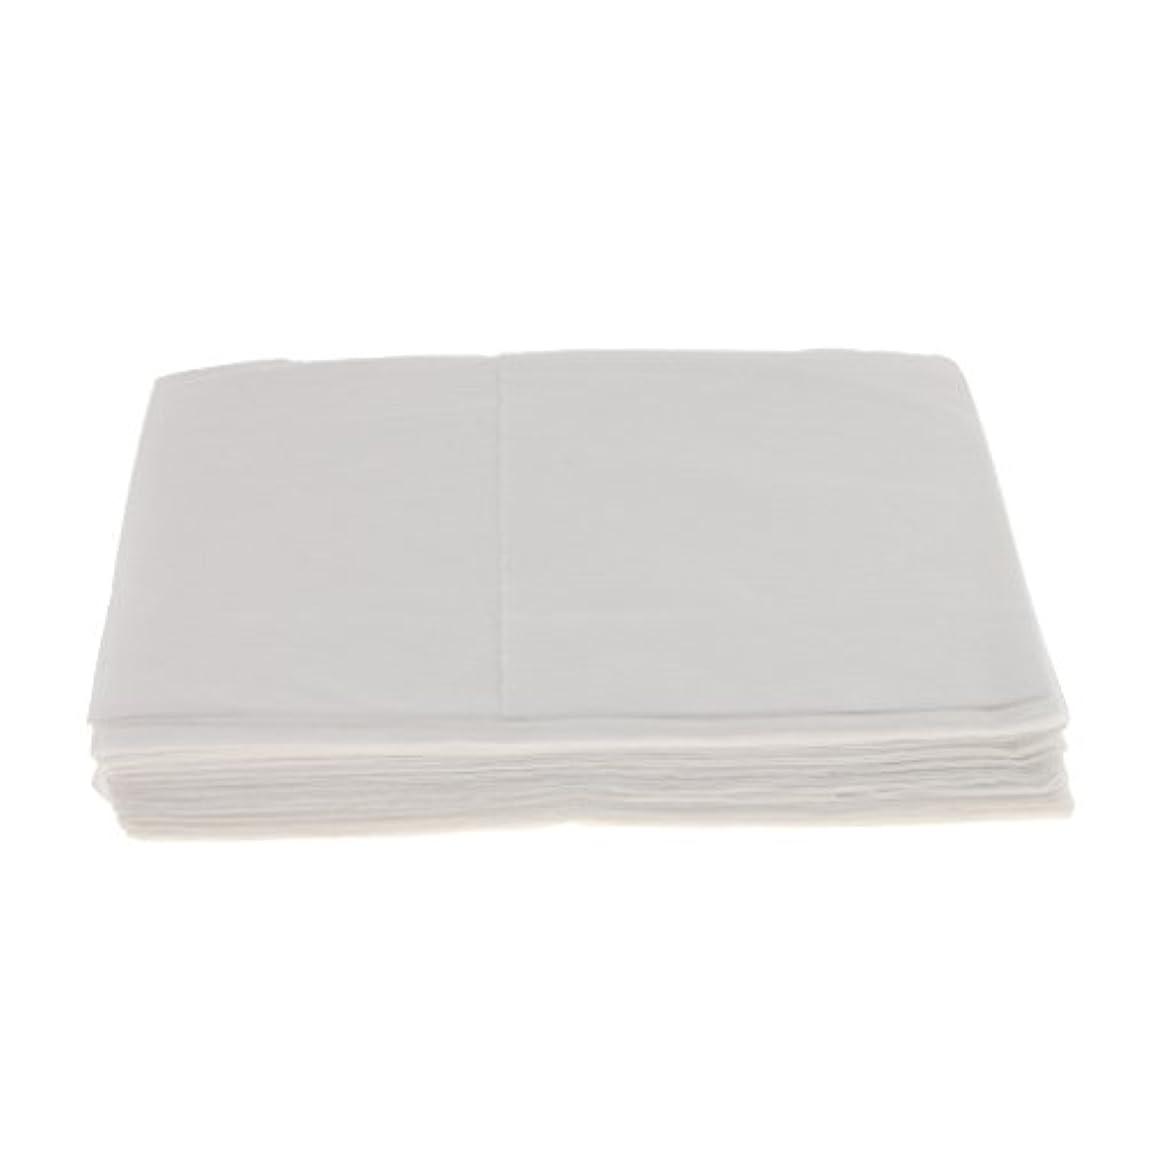 眩惑する火山学者ブーストBaosity 10枚 使い捨て ベッドシーツ サロン ホテル ベッドパッド カバー シート 2色選べ - 白